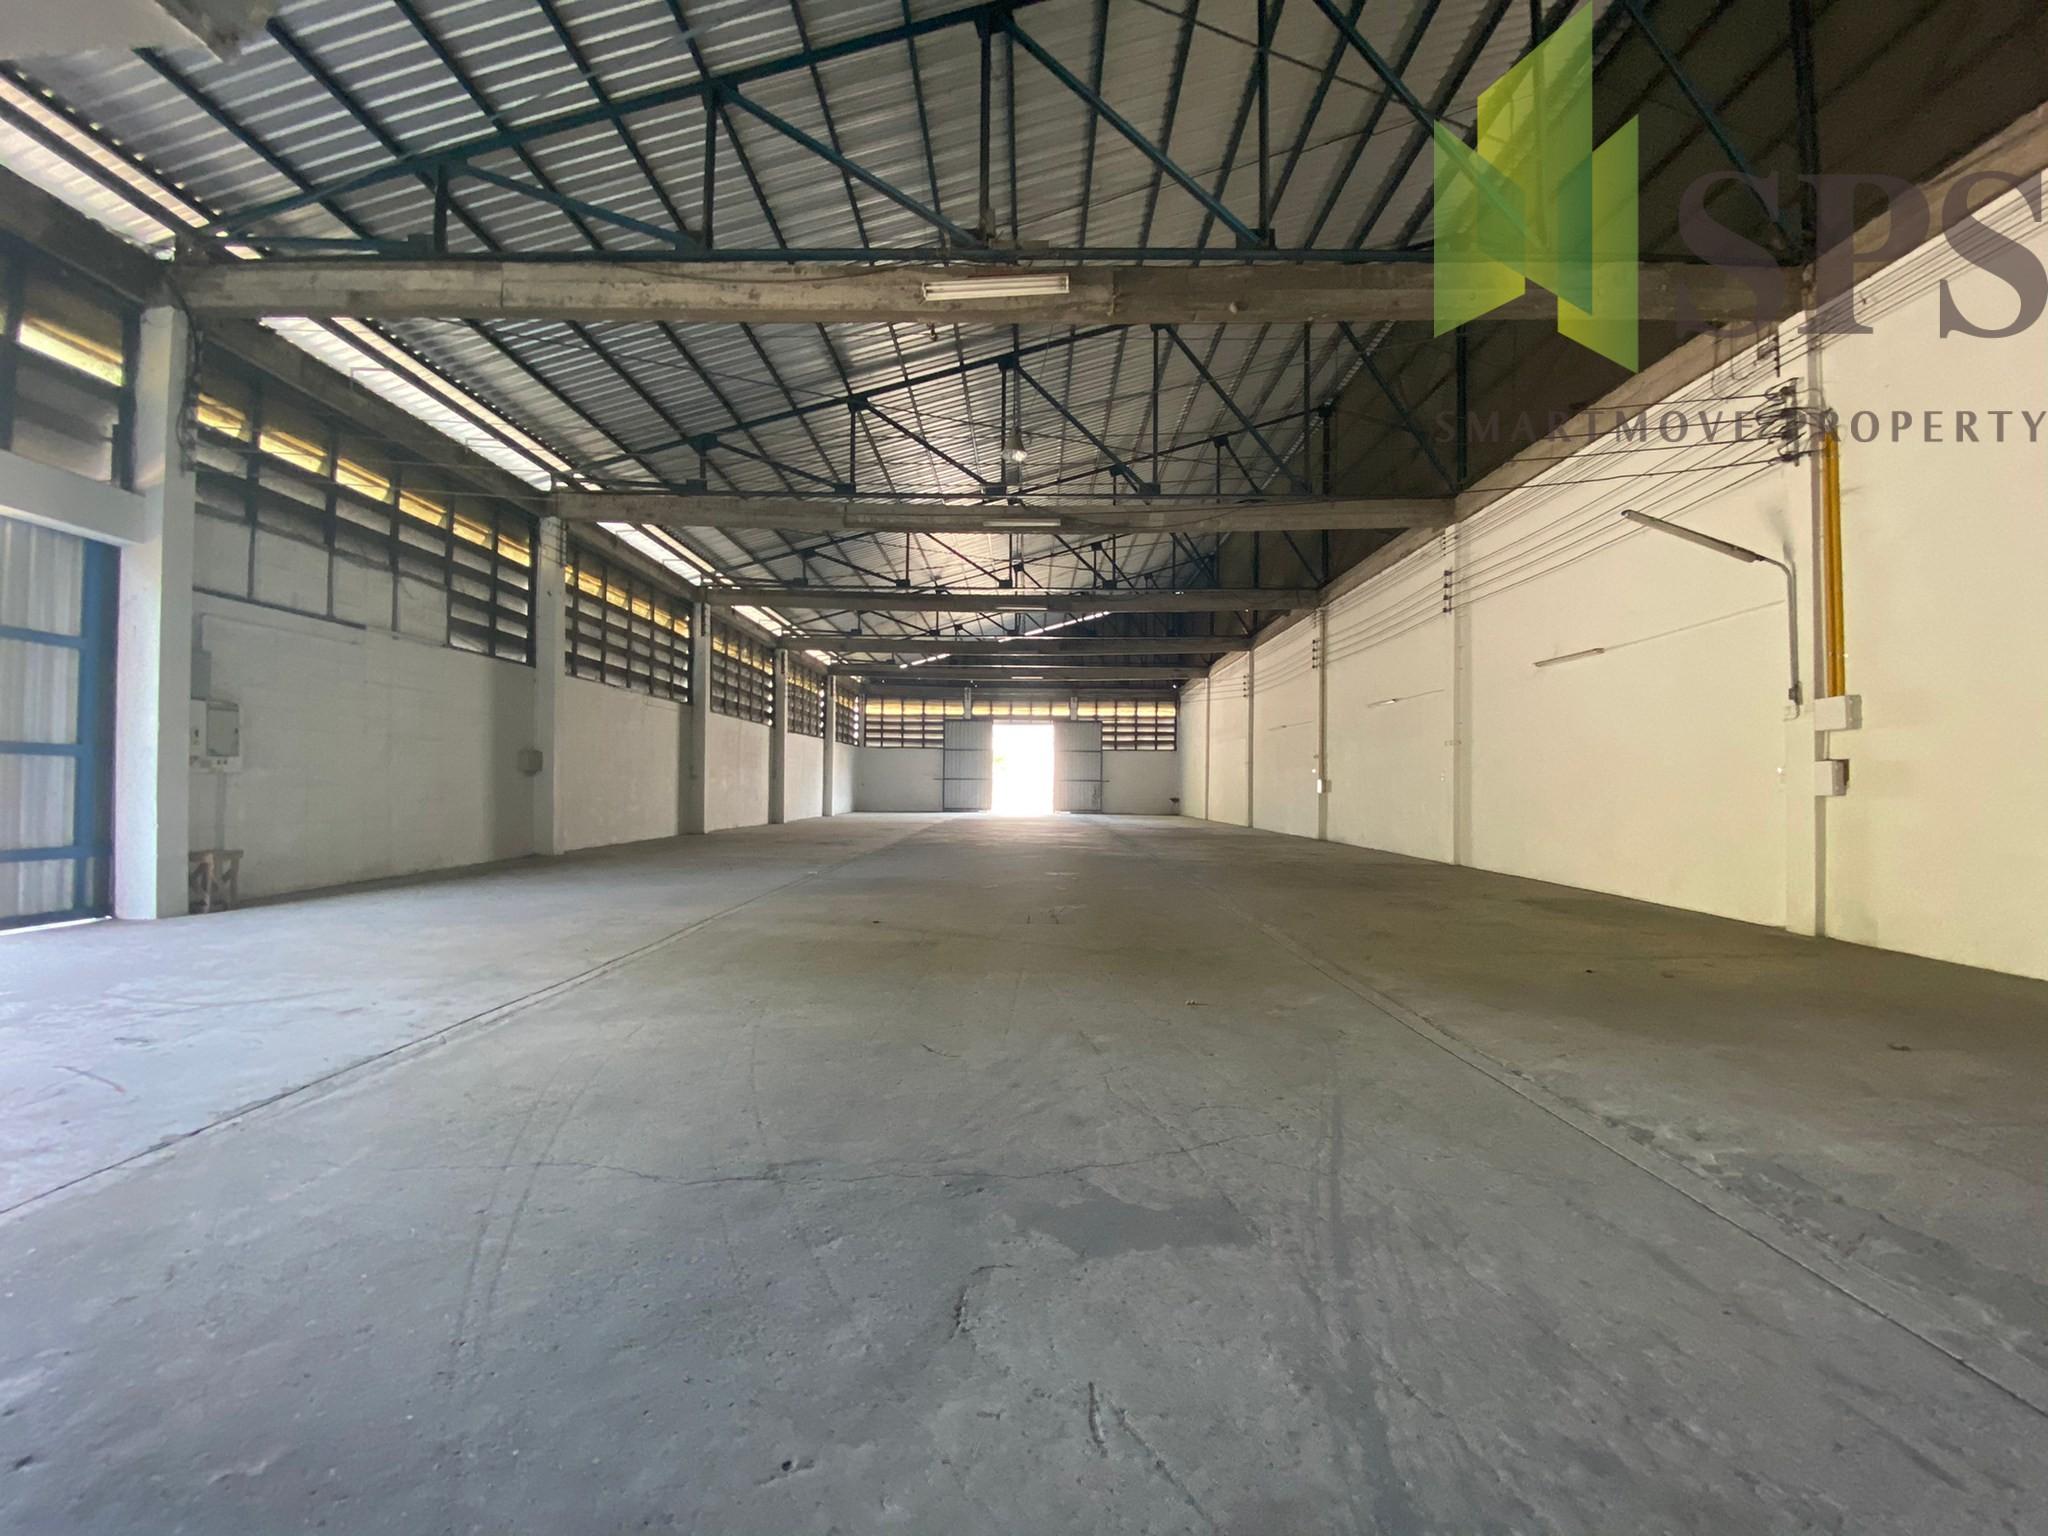 โกดังให้เช่า สำหรับจัดเก็บสินค้าหรือทำเป็นโรงงาน ทำเลดี ใกล้ท่าเรือแหลมฉบัง ถนน ชลบุรี บ้านบึง(Property ID: SPS-PP303)